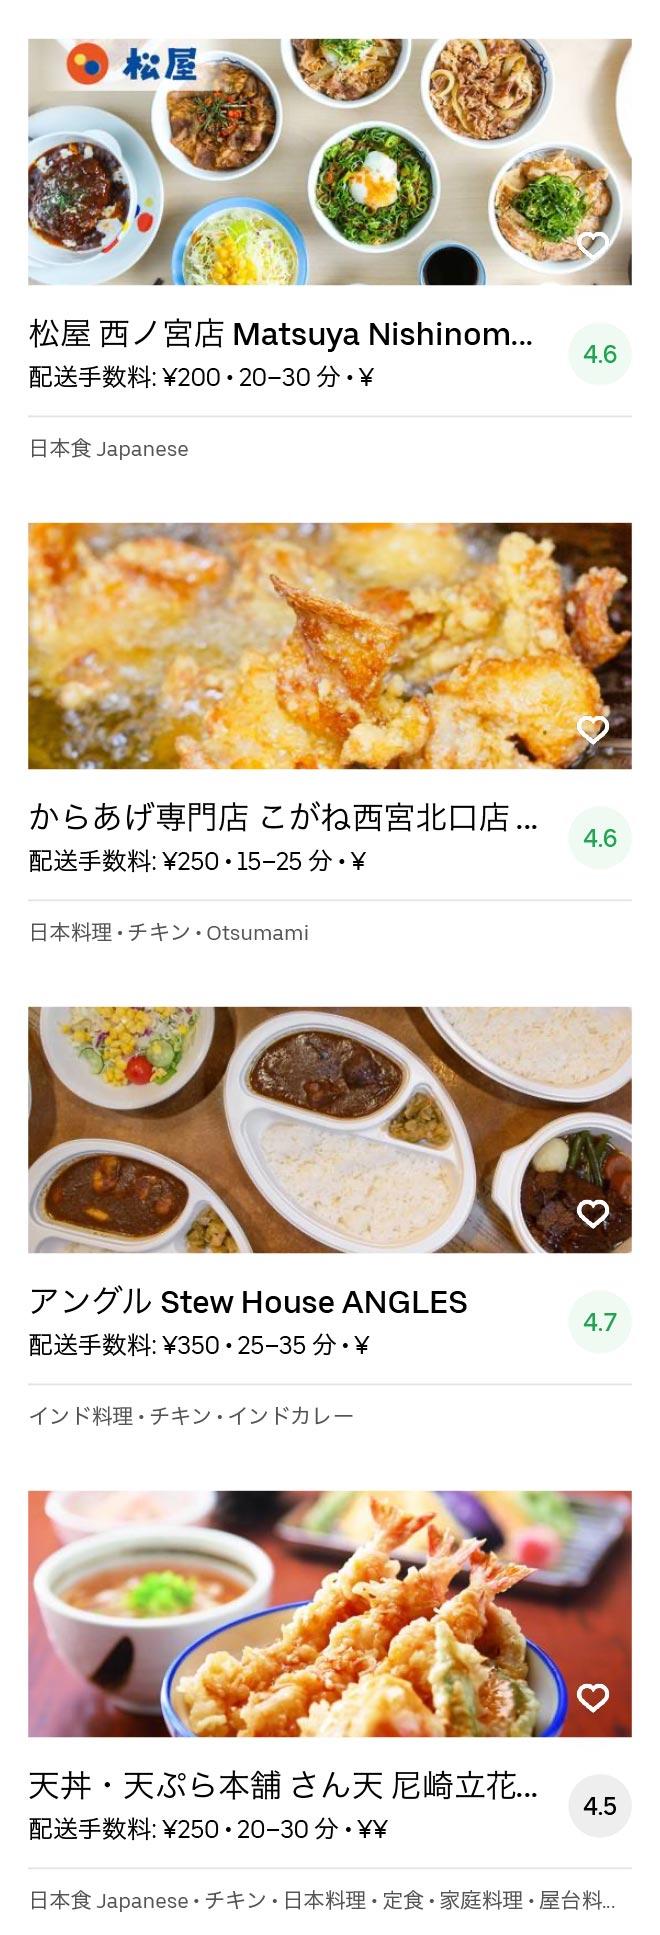 Nishinomiya koshien menu 2005 11